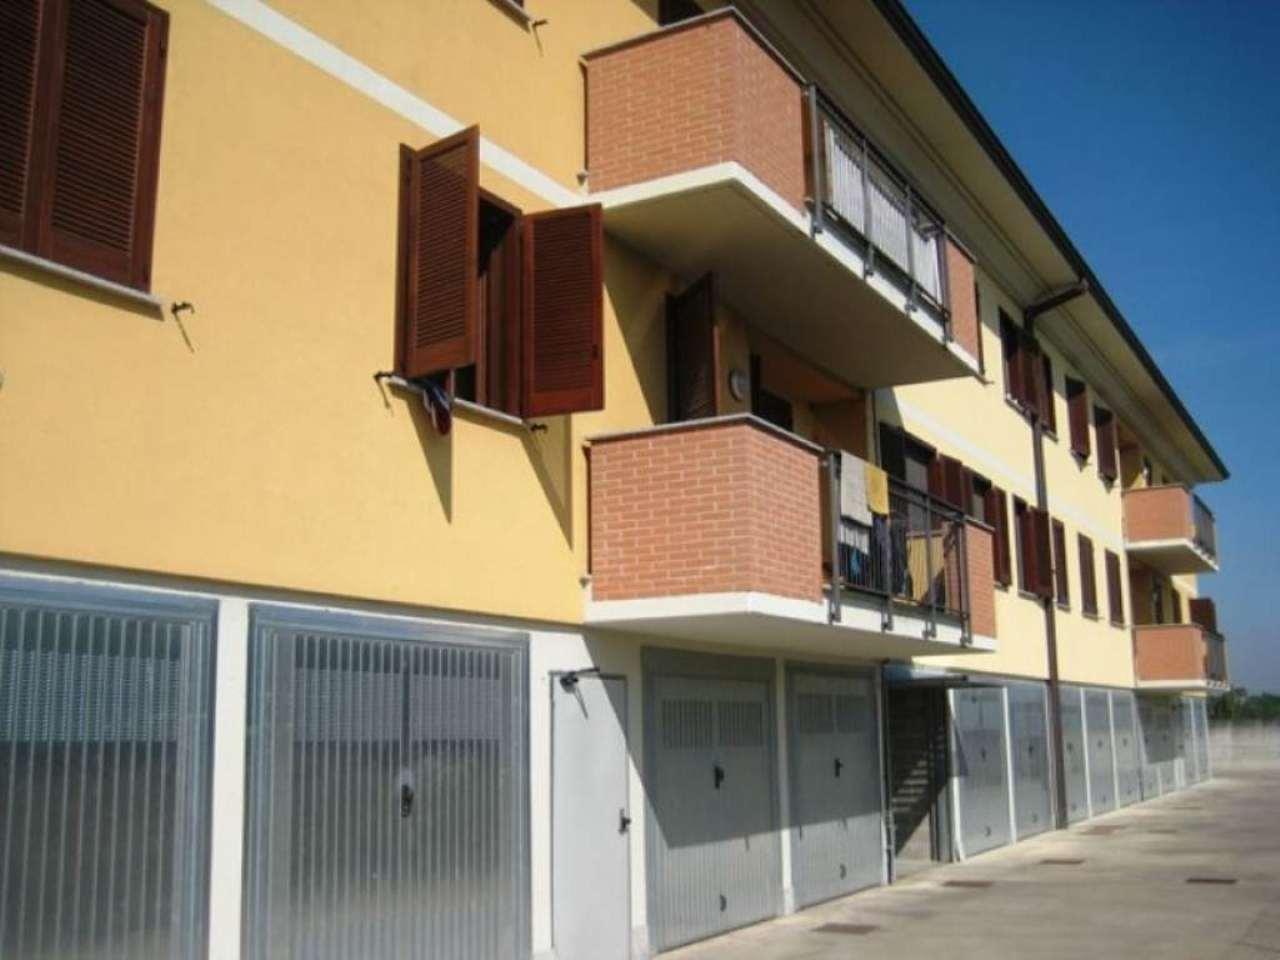 Bilocale Inverno e Monteleone Via G.d' Annunzio 11